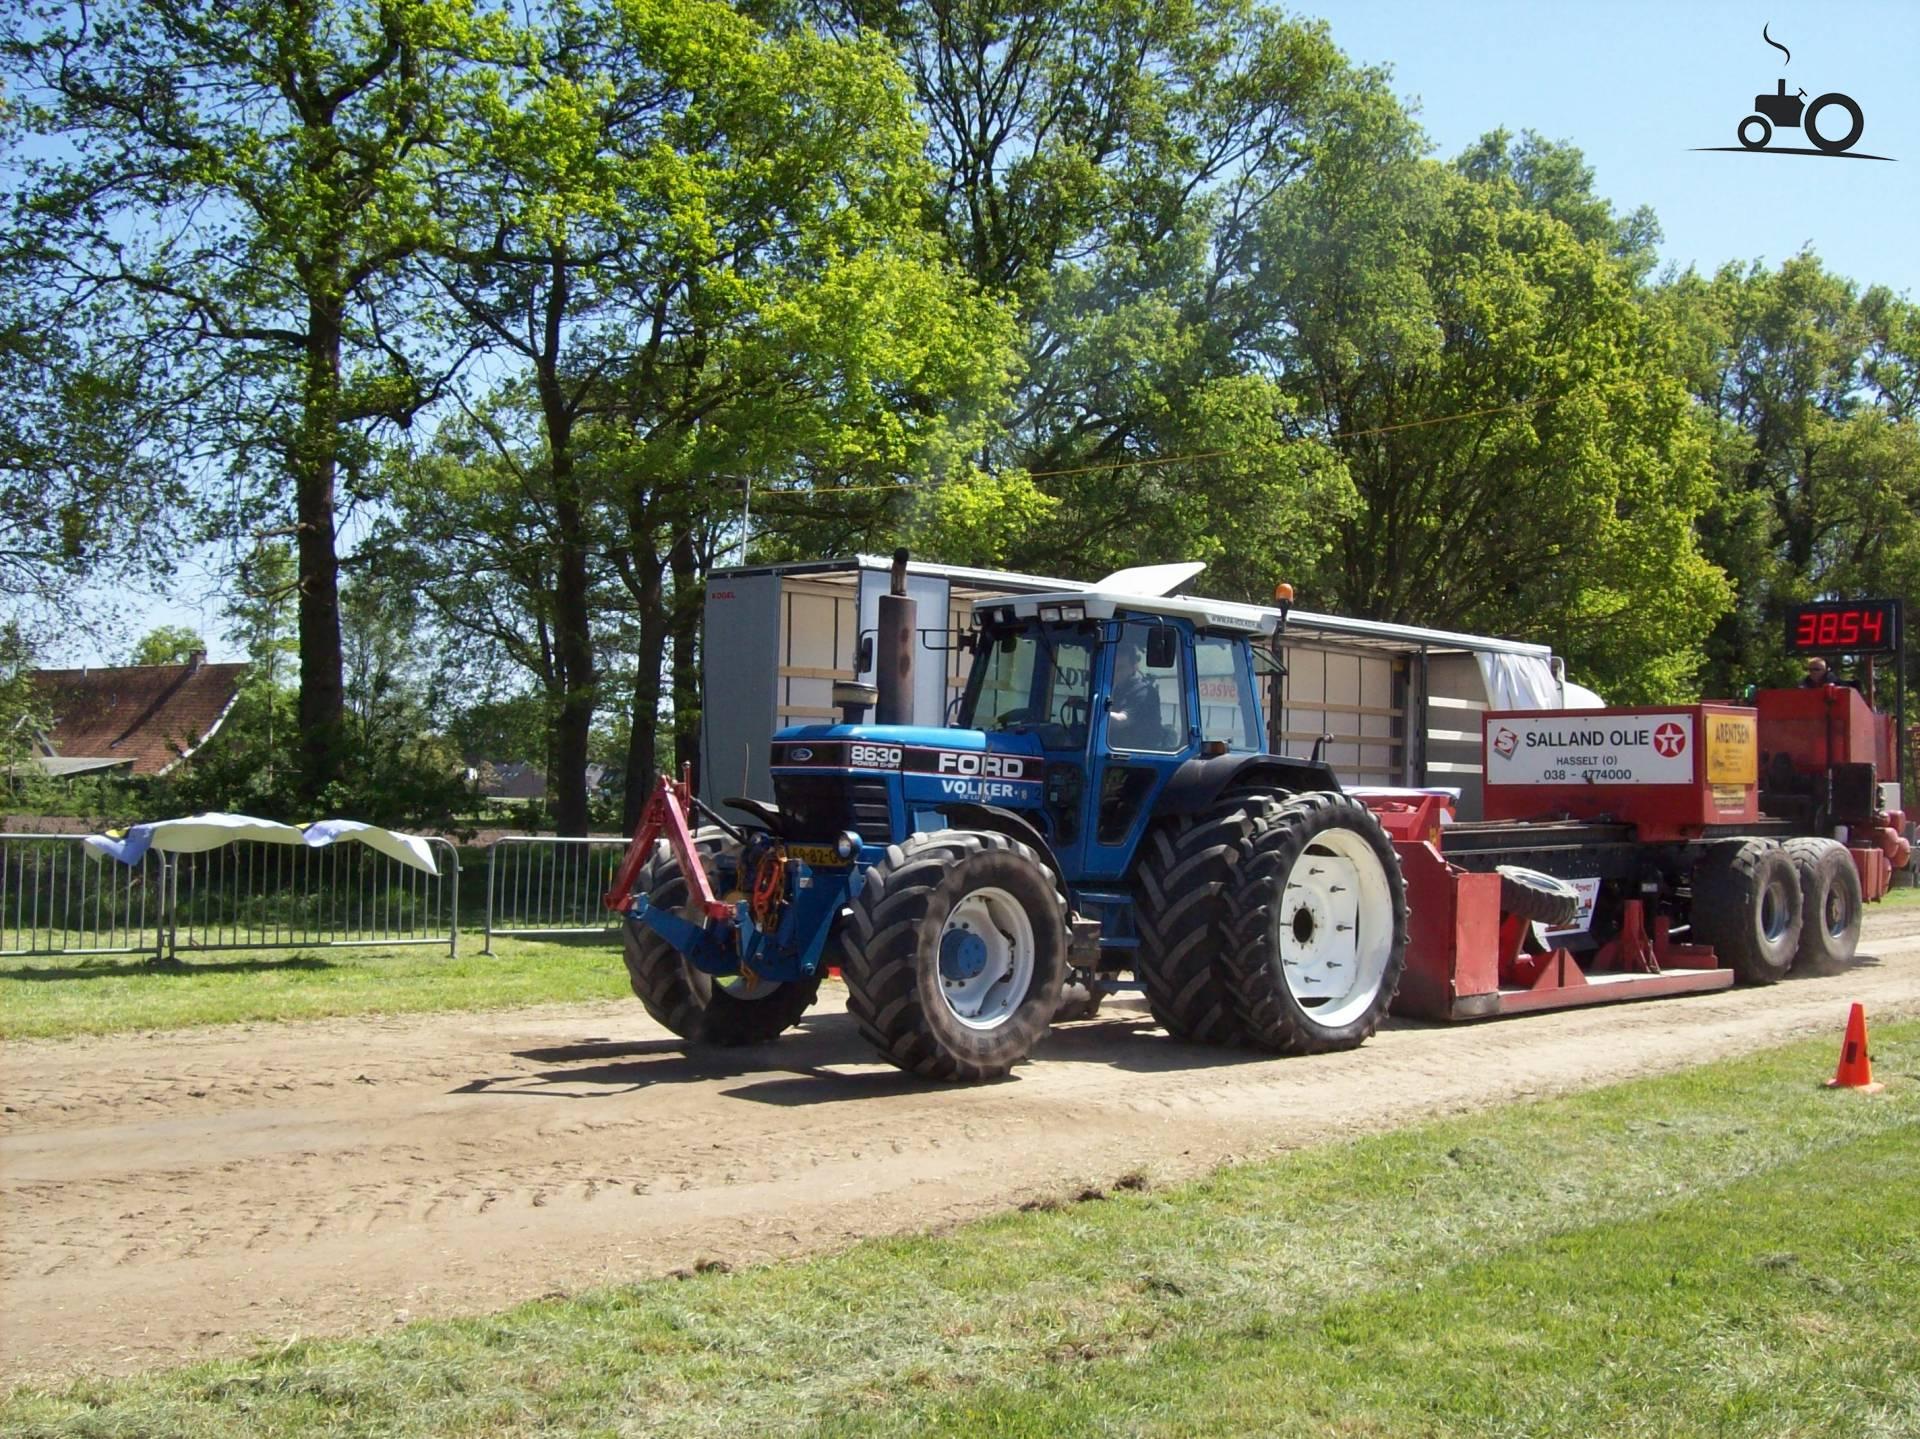 Купить трактор Ford 8630, год 1996, 6900 часов, по цене 1 ...